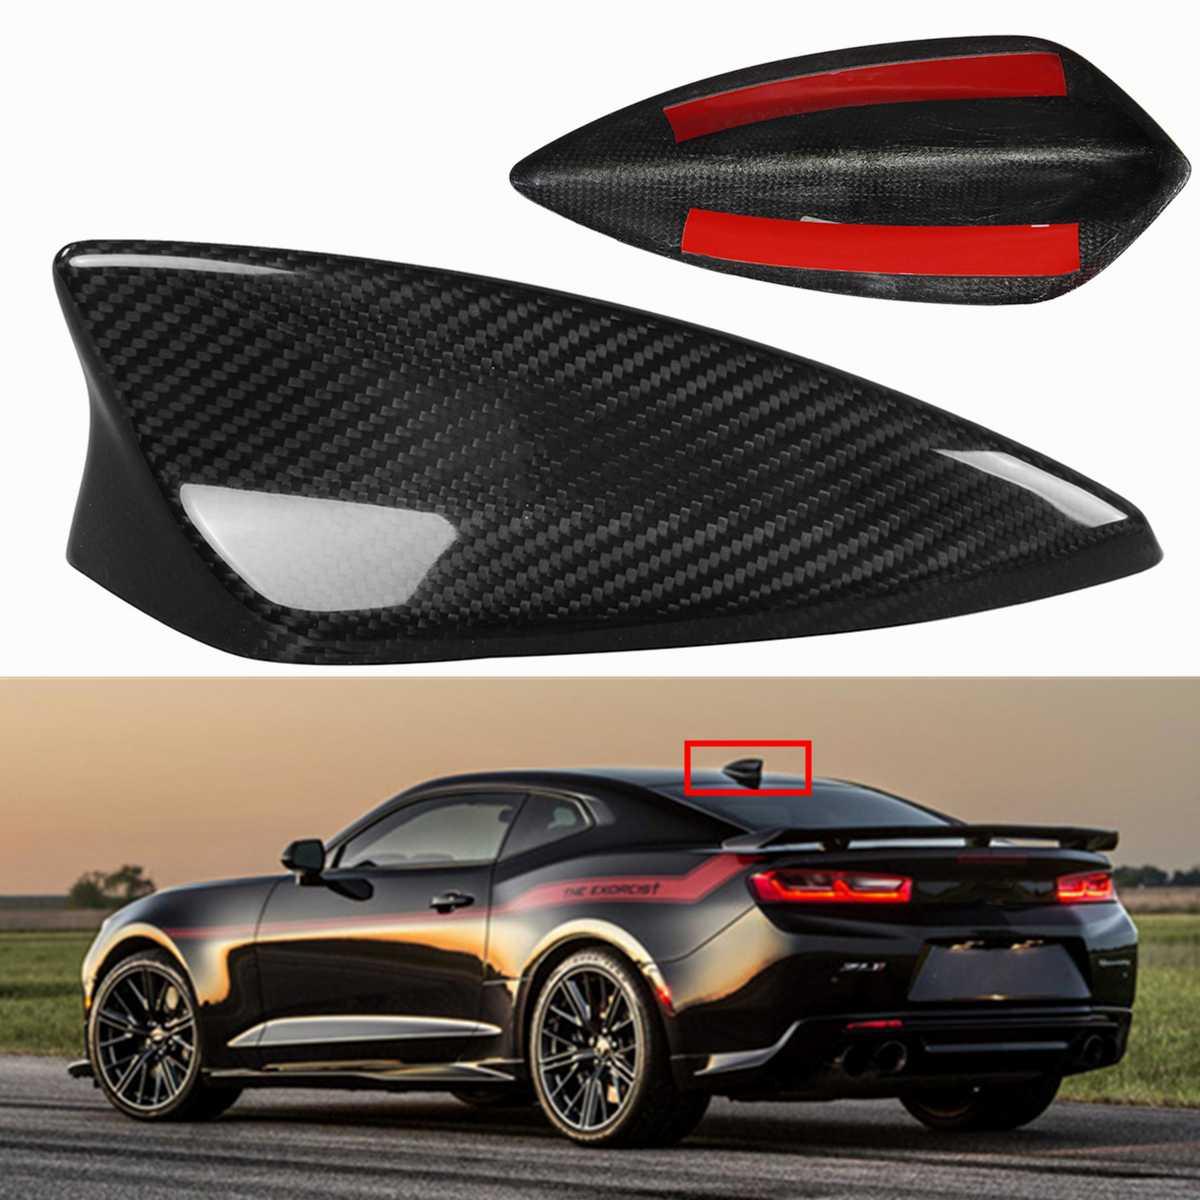 Antennes de toit de voiture aileron de requin coiffant le couvercle d'antenne garniture de Radio en Fiber de carbone Style ABS noir pour Chevrolet Camaro 2017-2018